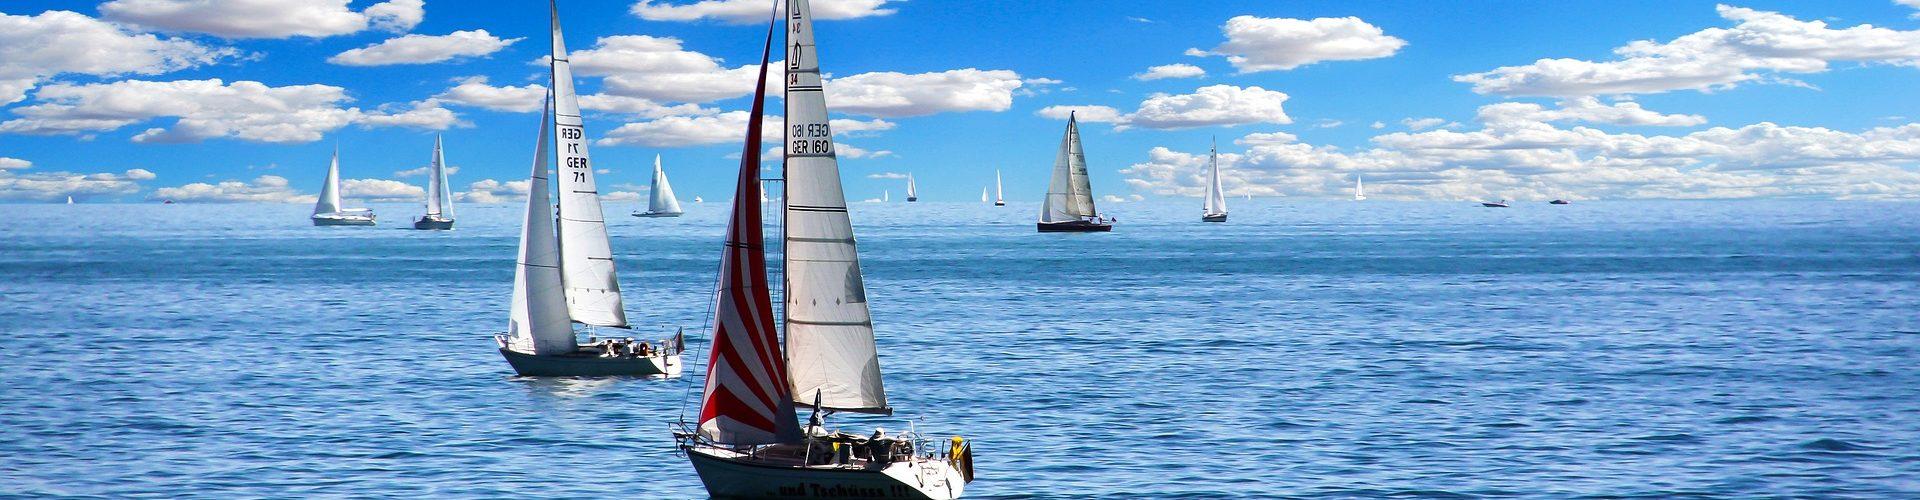 segeln lernen in Klink segelschein machen in Klink 1920x500 - Segeln lernen in Klink